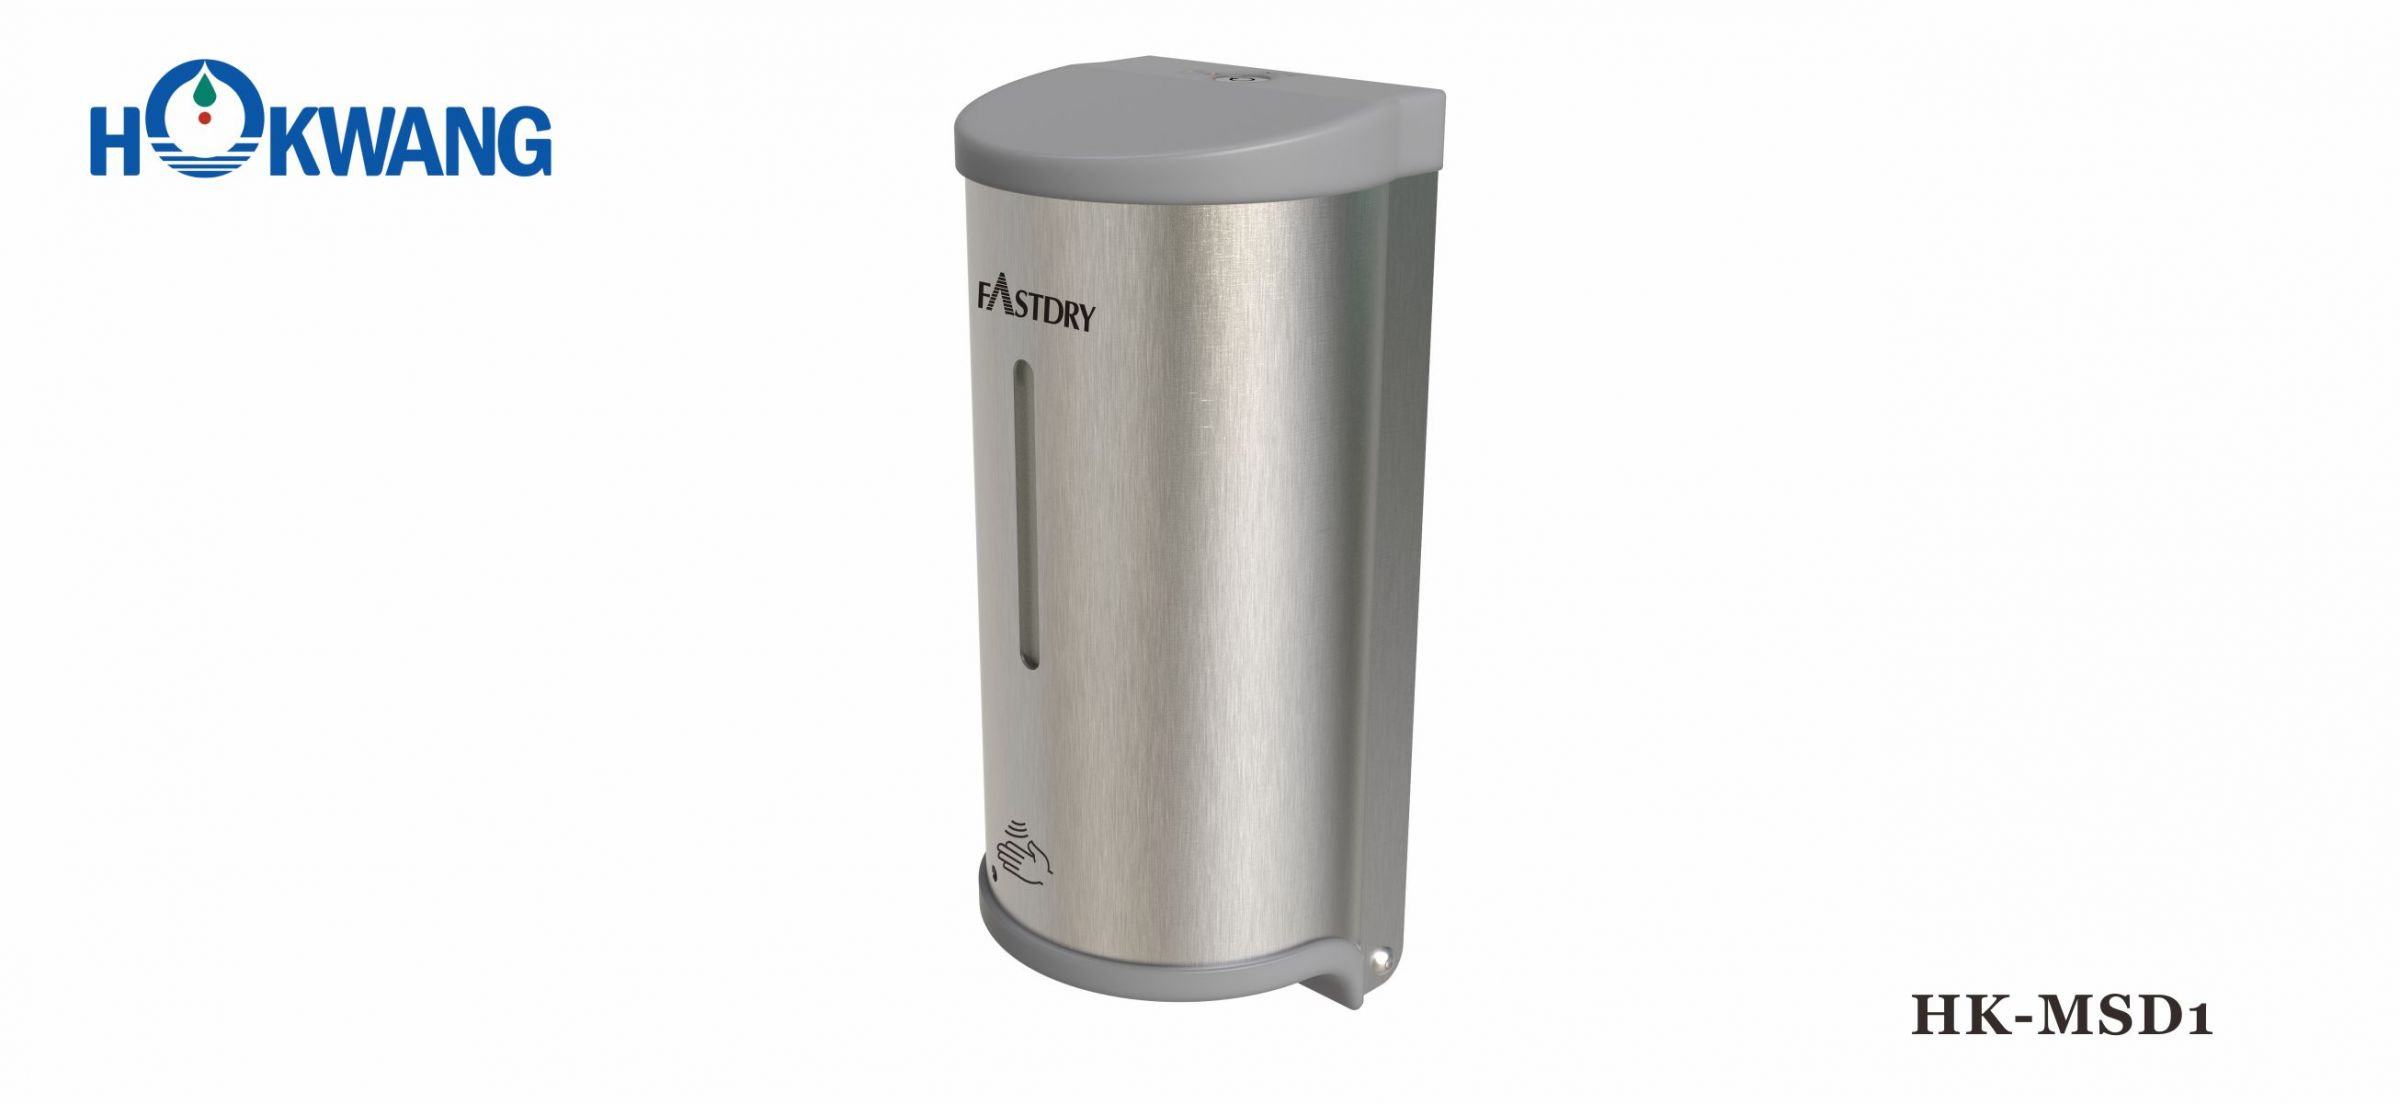 Distributeur automatique de savon multifonction en acier inoxydable HK-MSD1